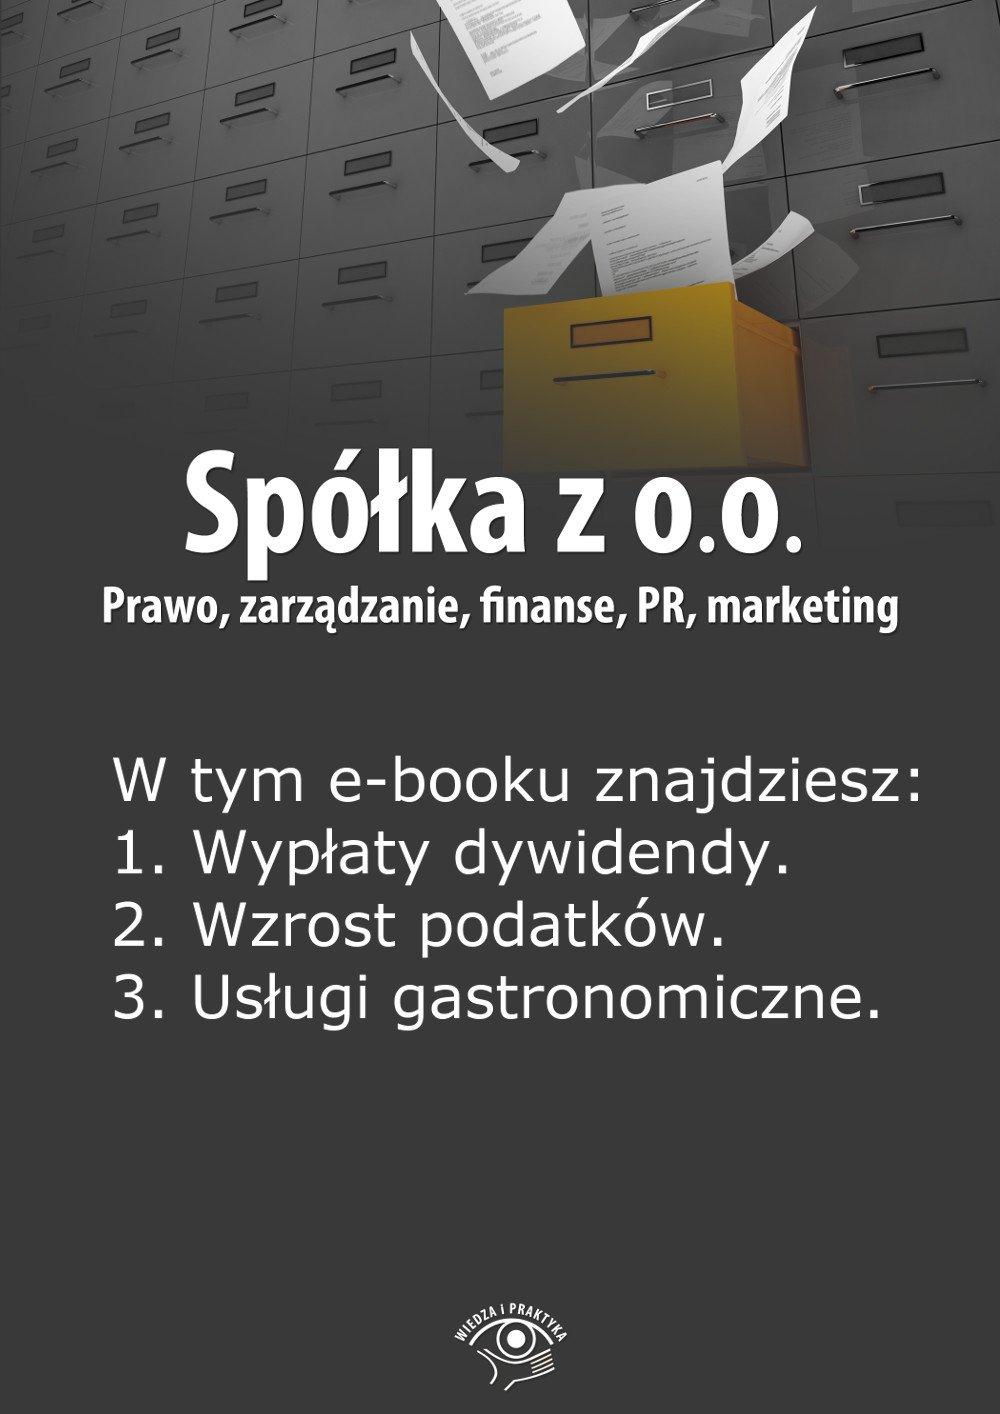 Spółka z o.o. Prawo, zarządzanie, finanse, PR, marketing. Wydanie styczeń 2014 r. - Ebook (Książka EPUB) do pobrania w formacie EPUB